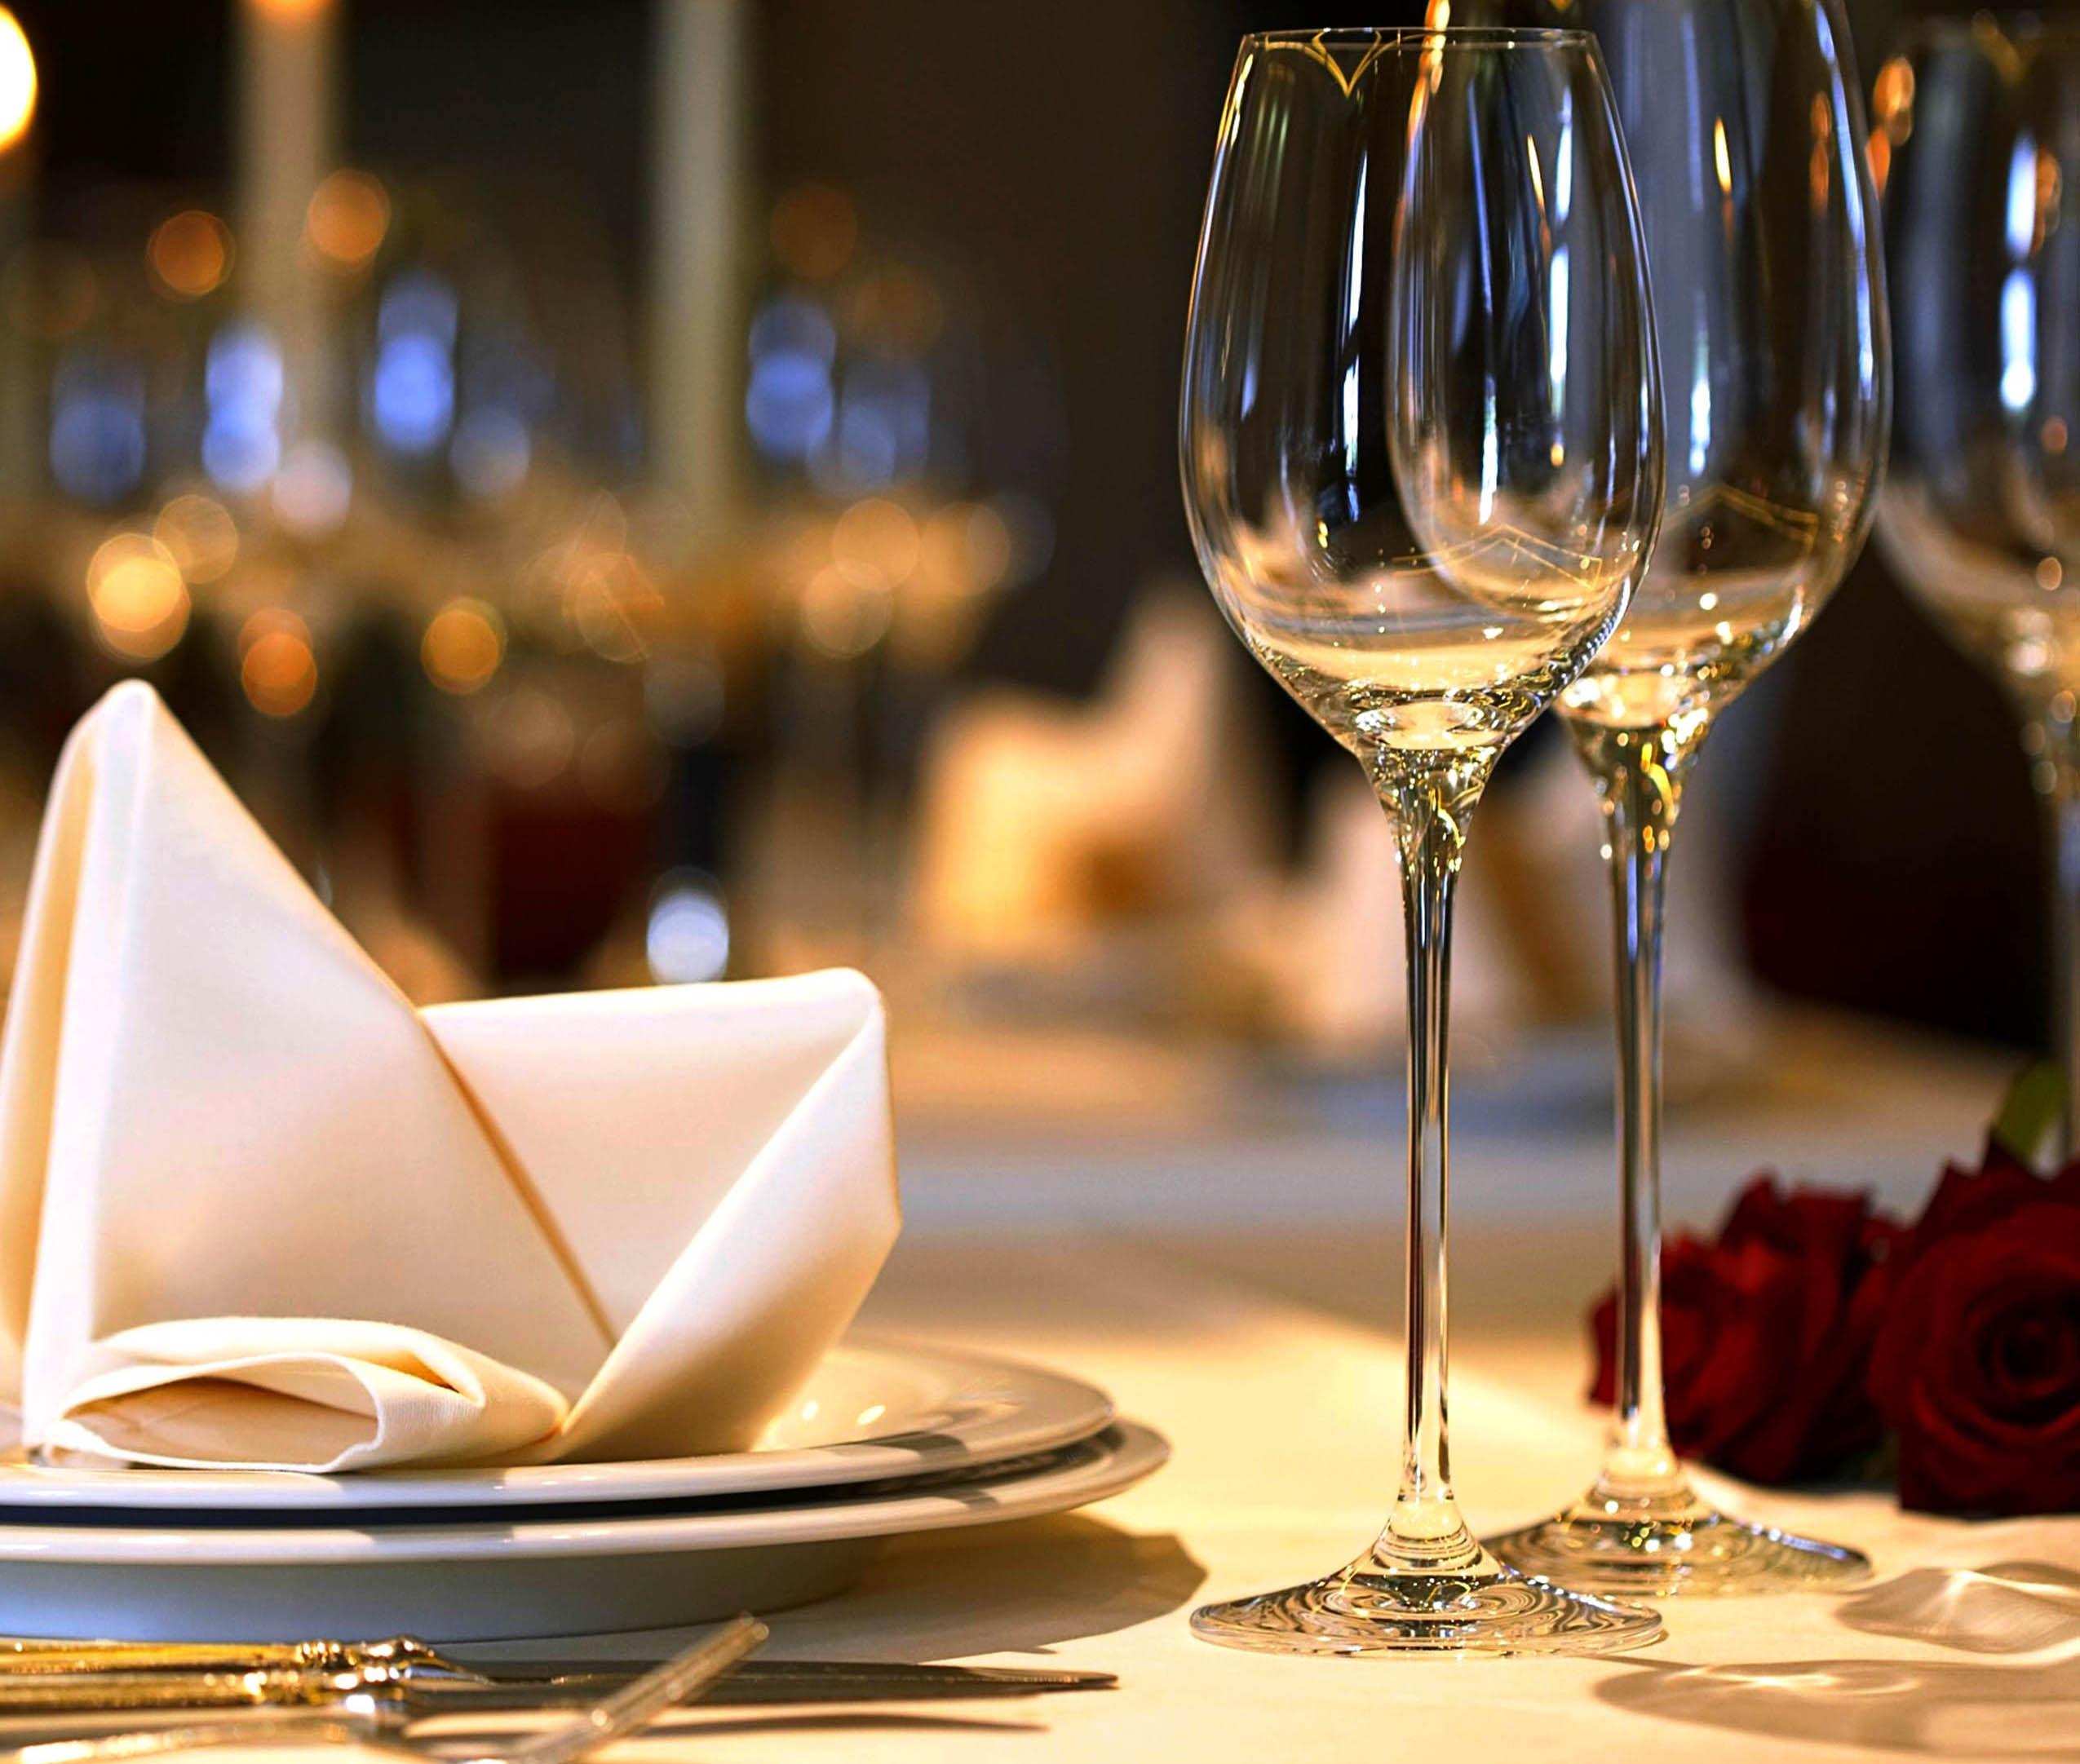 Hilton, Día de San Valentín, cena, lujo, 14 de febrero